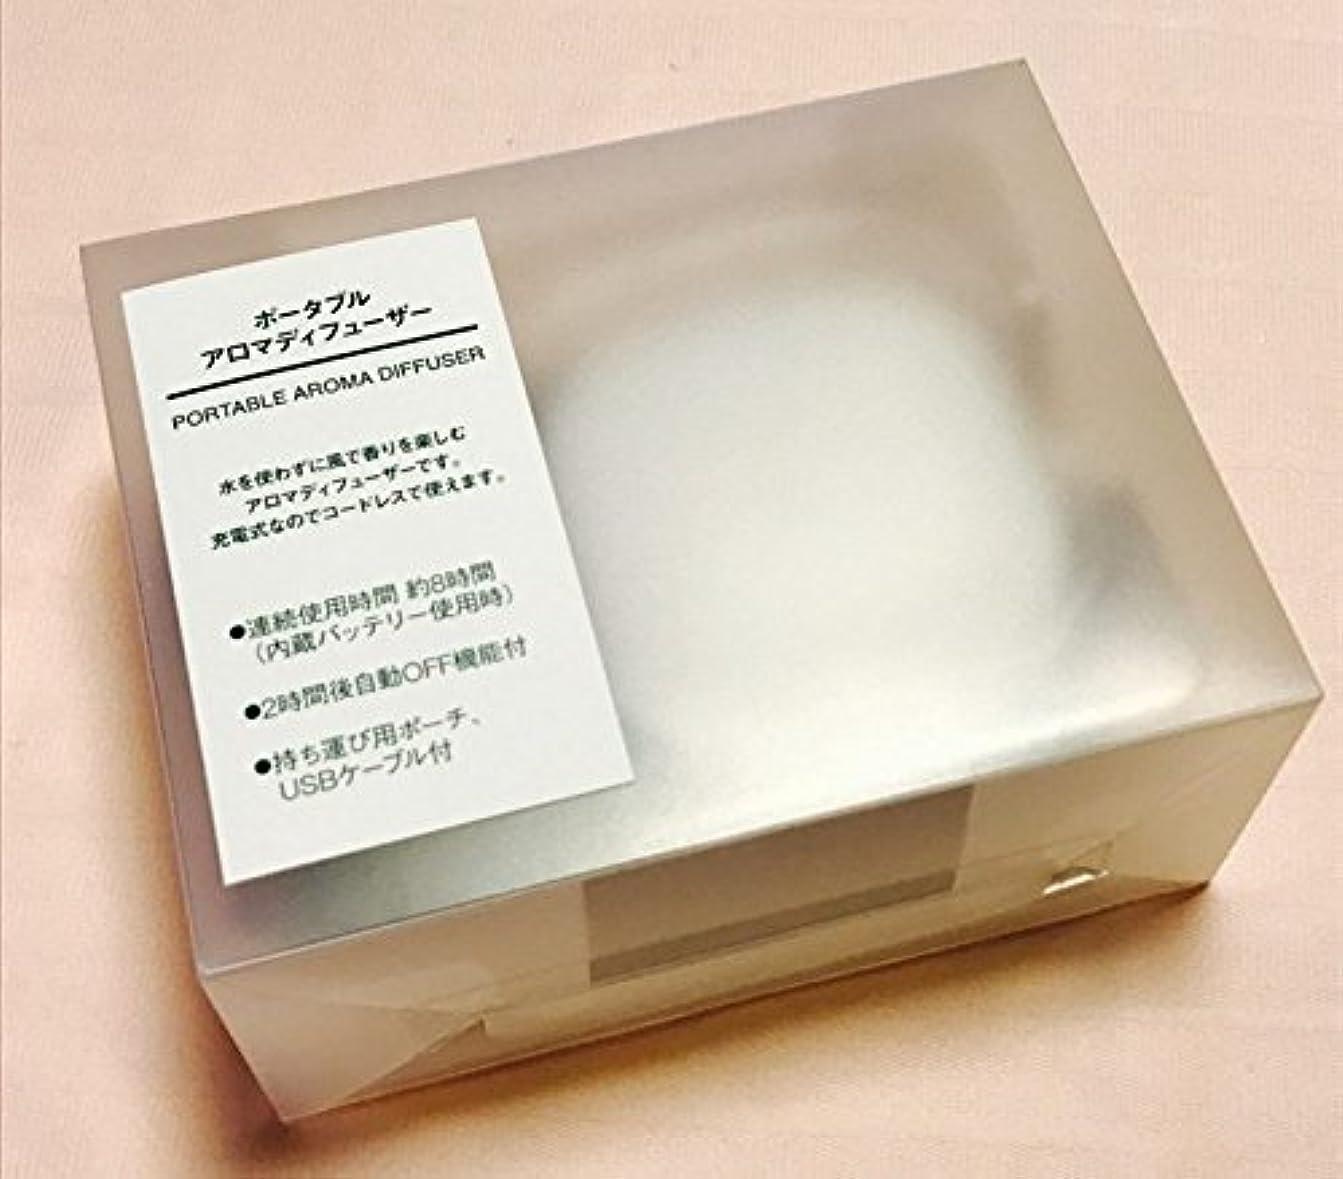 ちょうつがい磁気凝視無印良品 ポータブルアロマディフューザー 型番:MJ‐PAD1